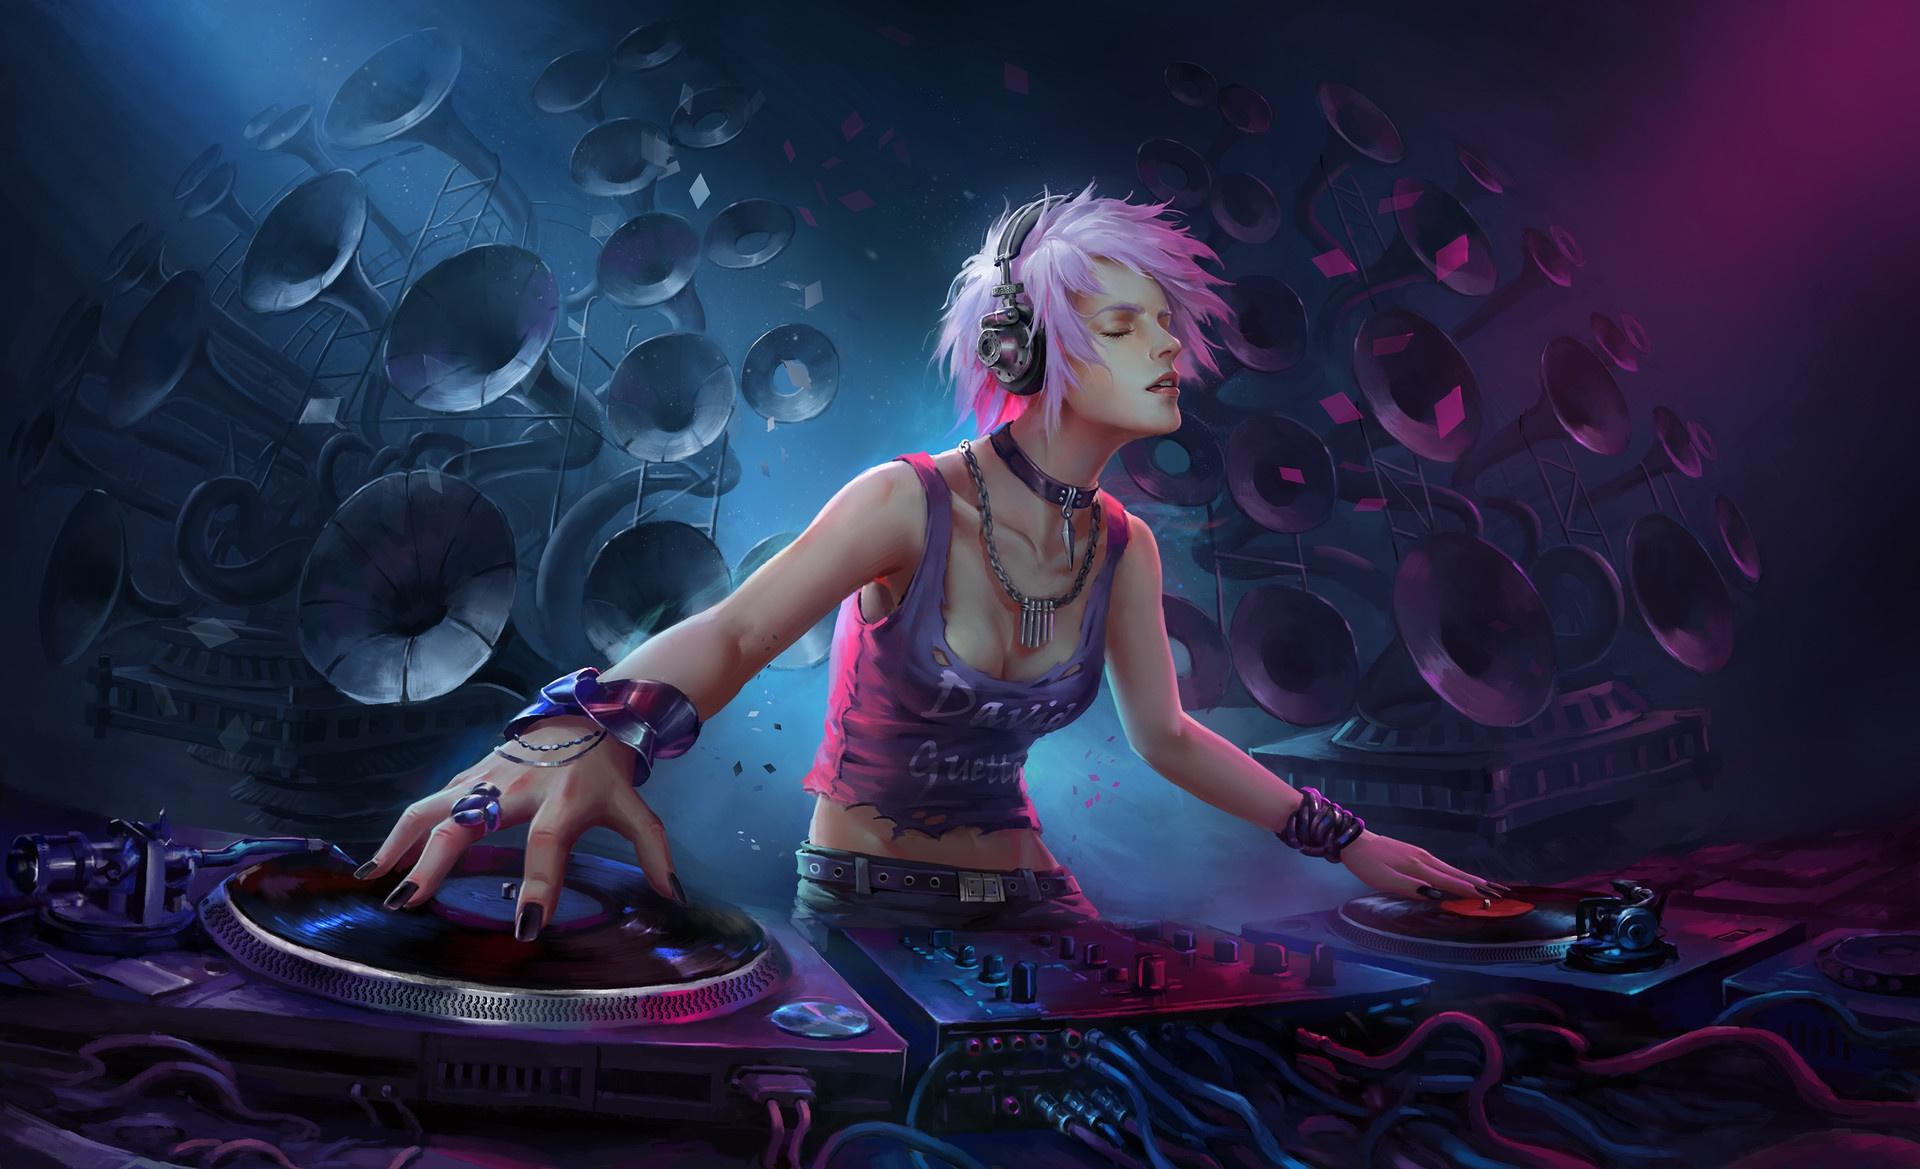 Dj Girl Headphones Pink Hair Short Hair Speakers Woman 1920x1169